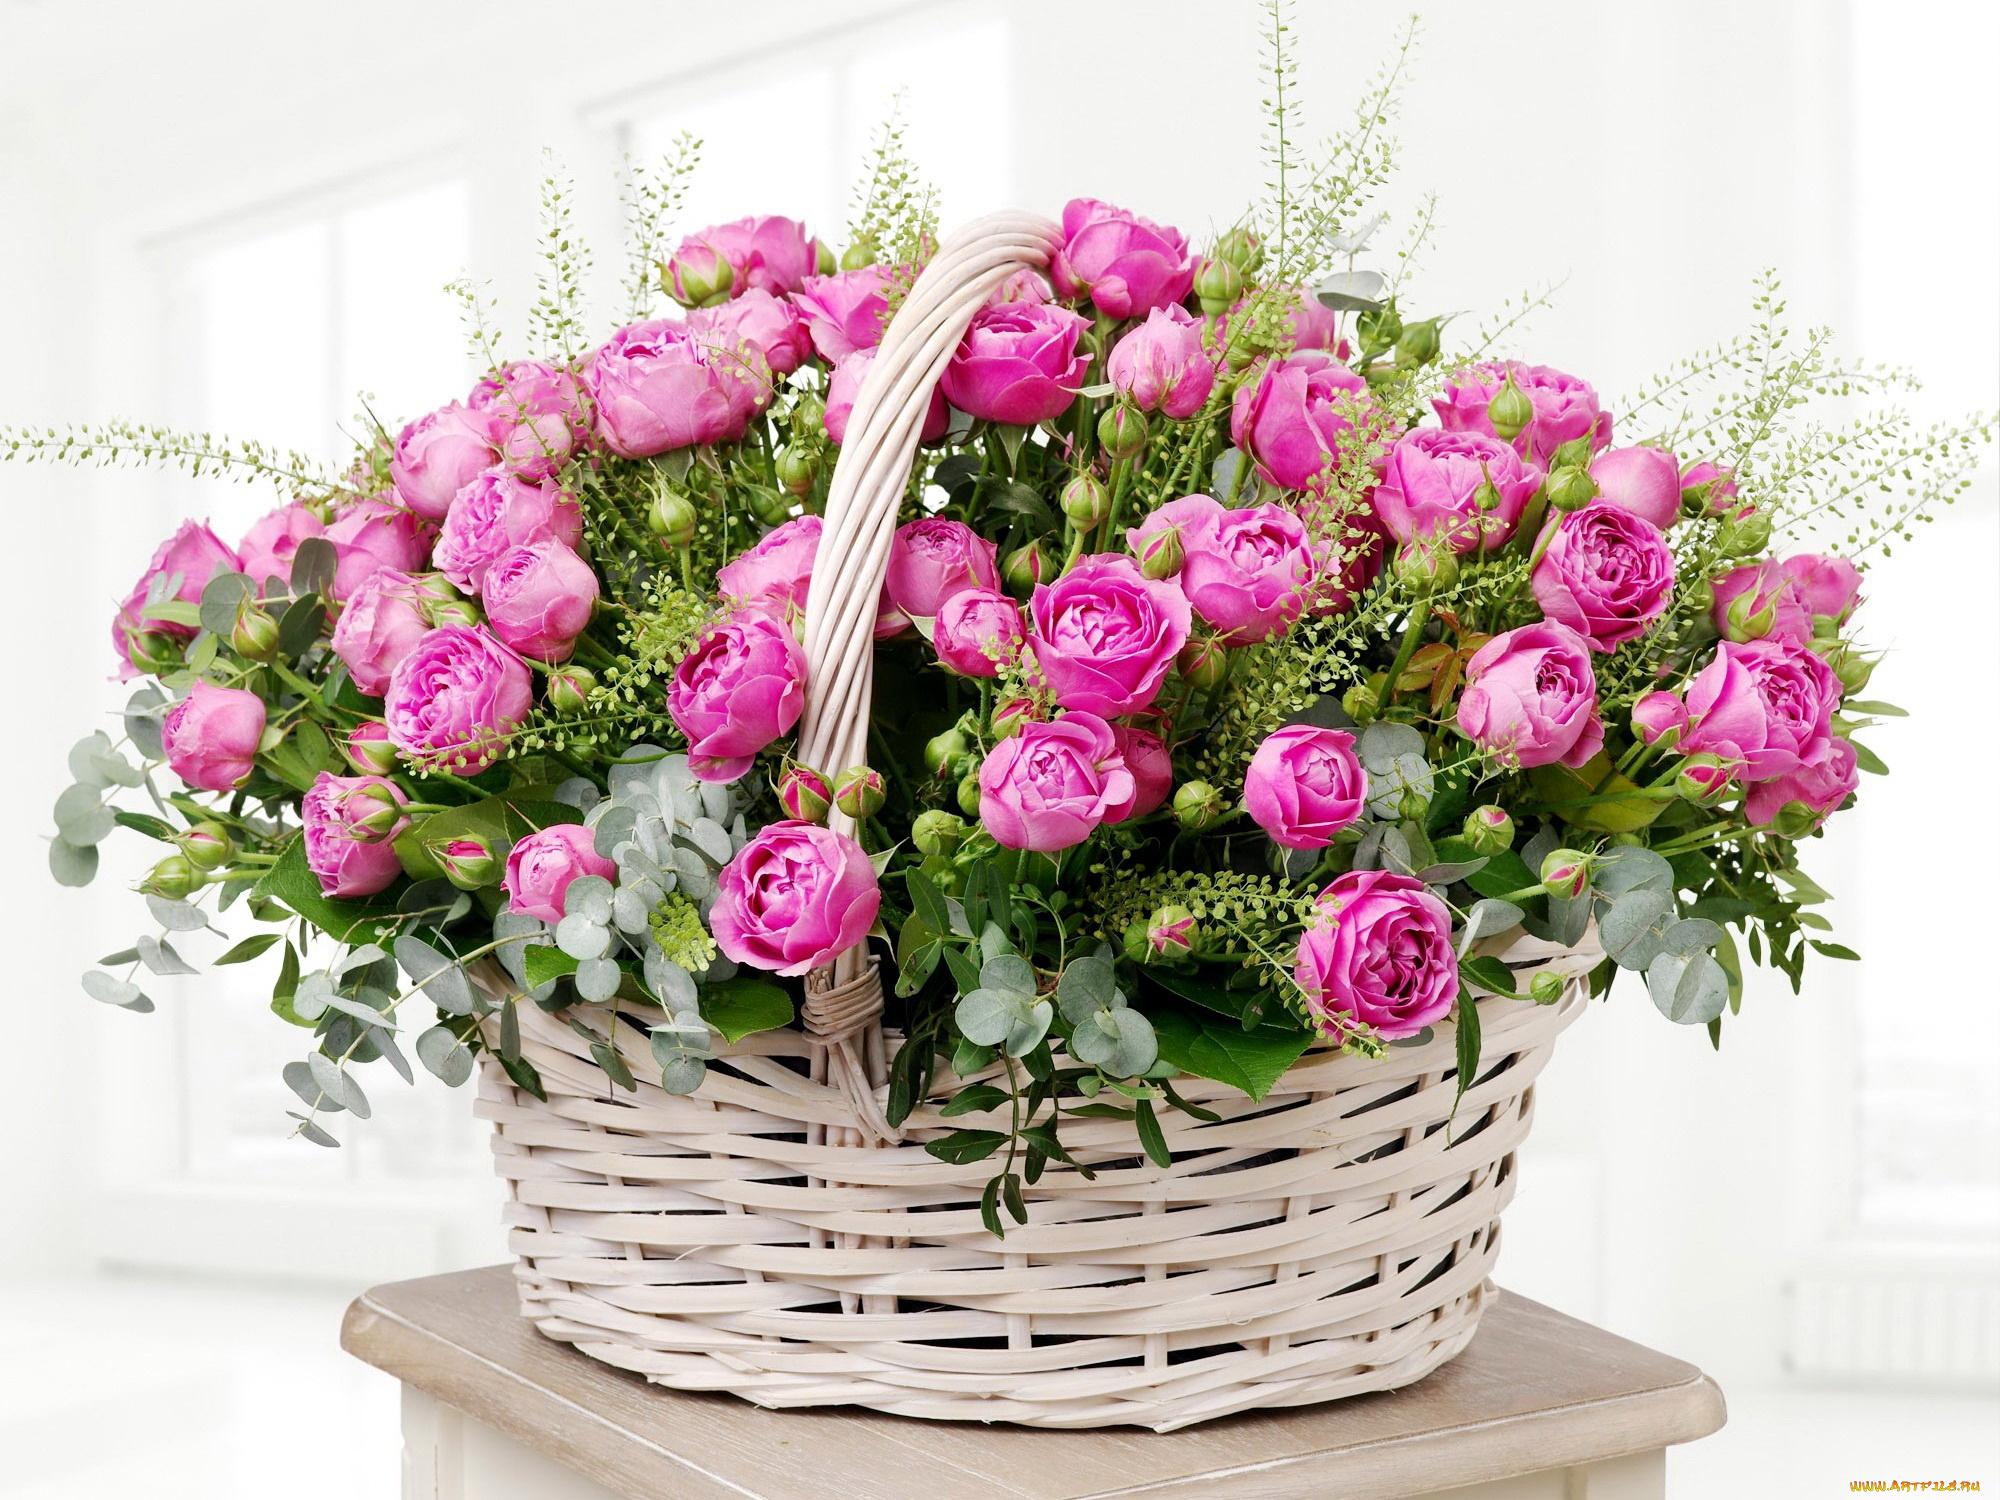 Открытку самому, букет из роз открытка с днем рождения